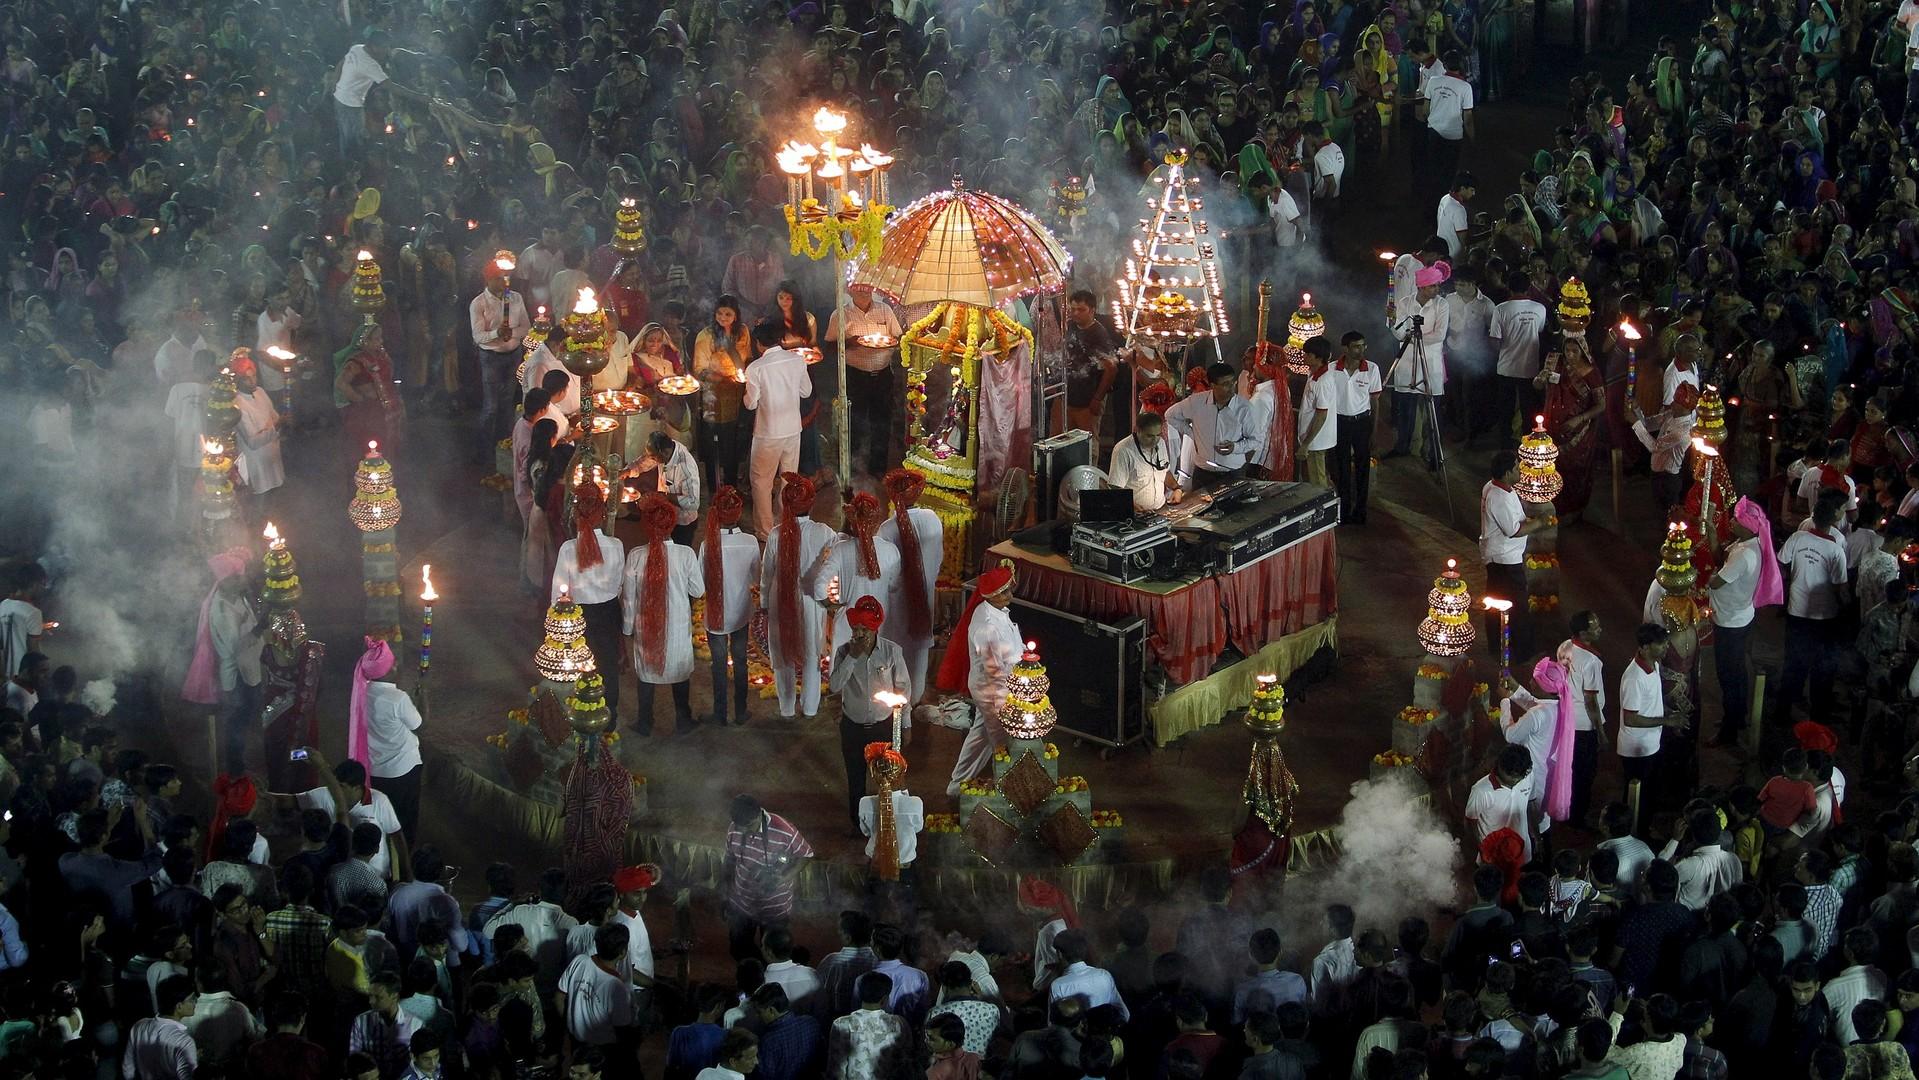 L'Inde célèbre la fête de Navratri qui dure dix jours et neuf nuits